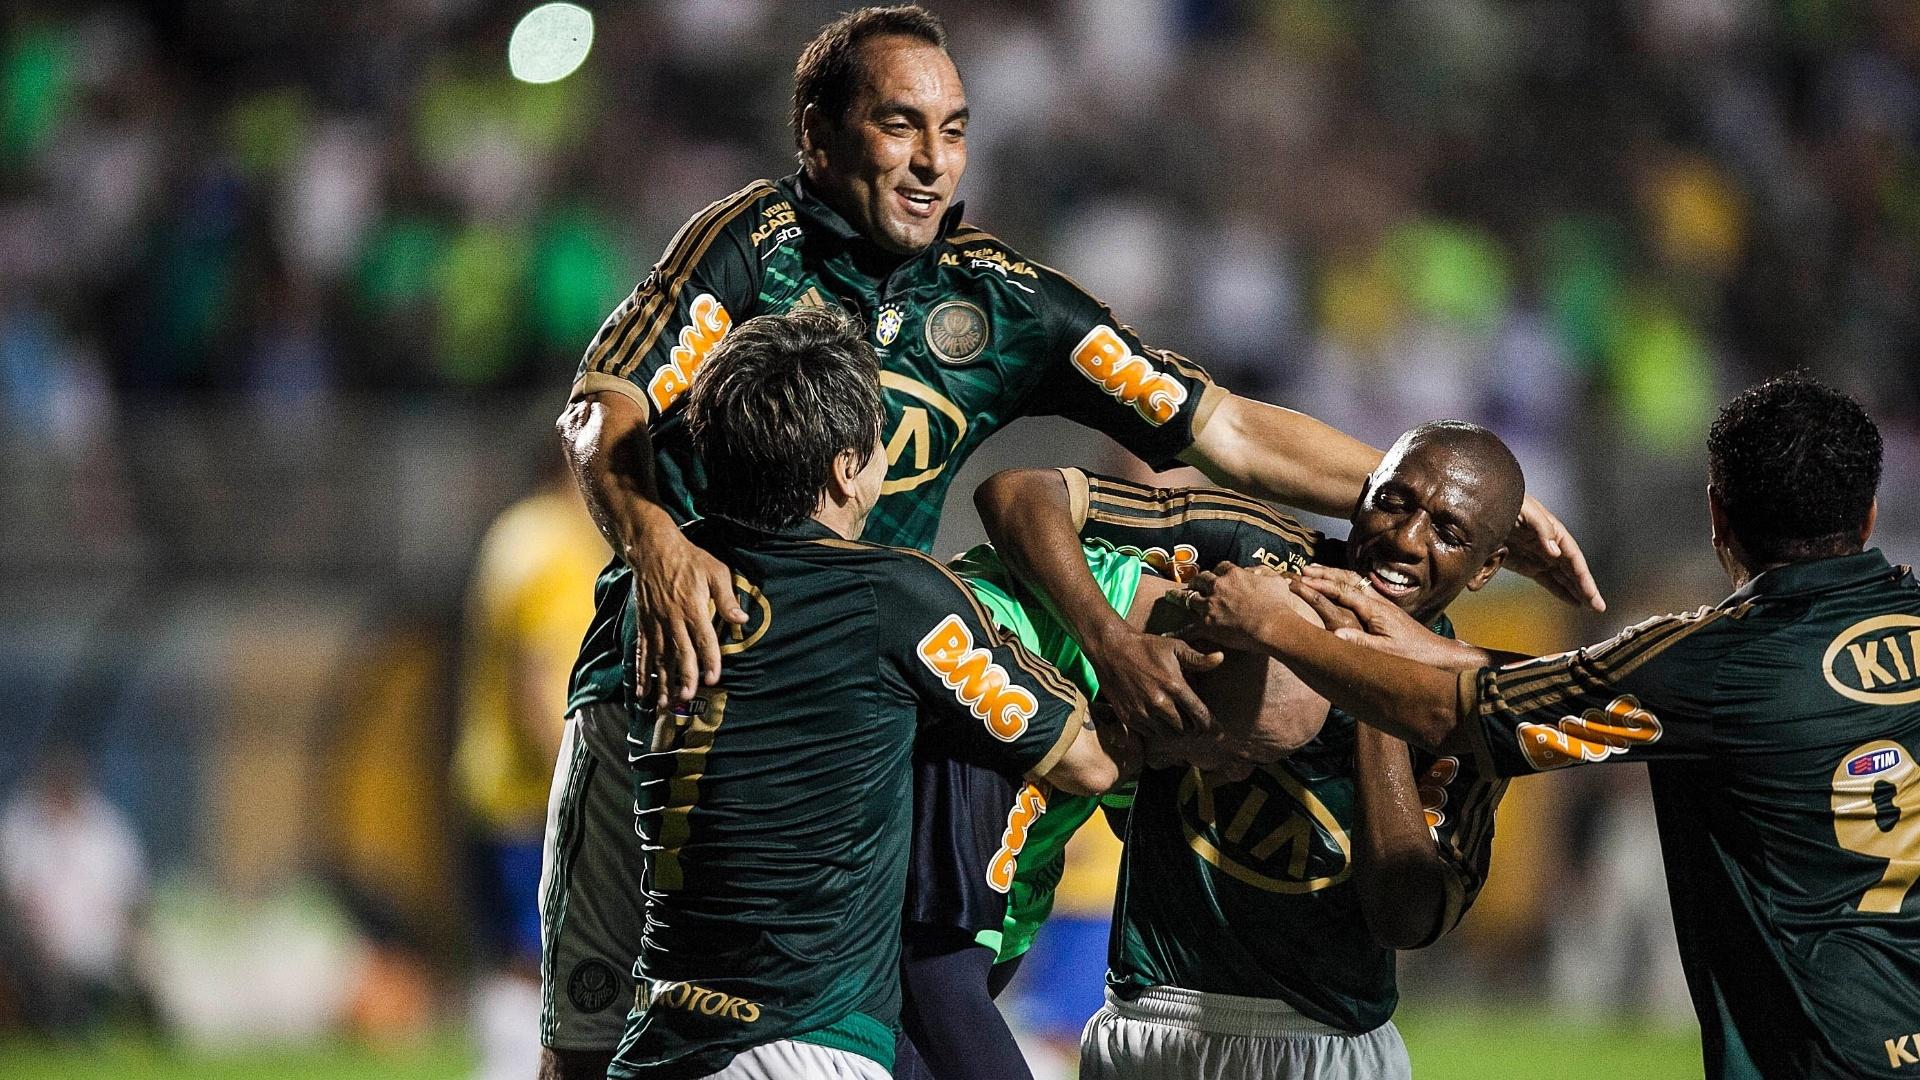 Marcos Palmeiras Wallpaper Marcos Pentacampeão Mundial e